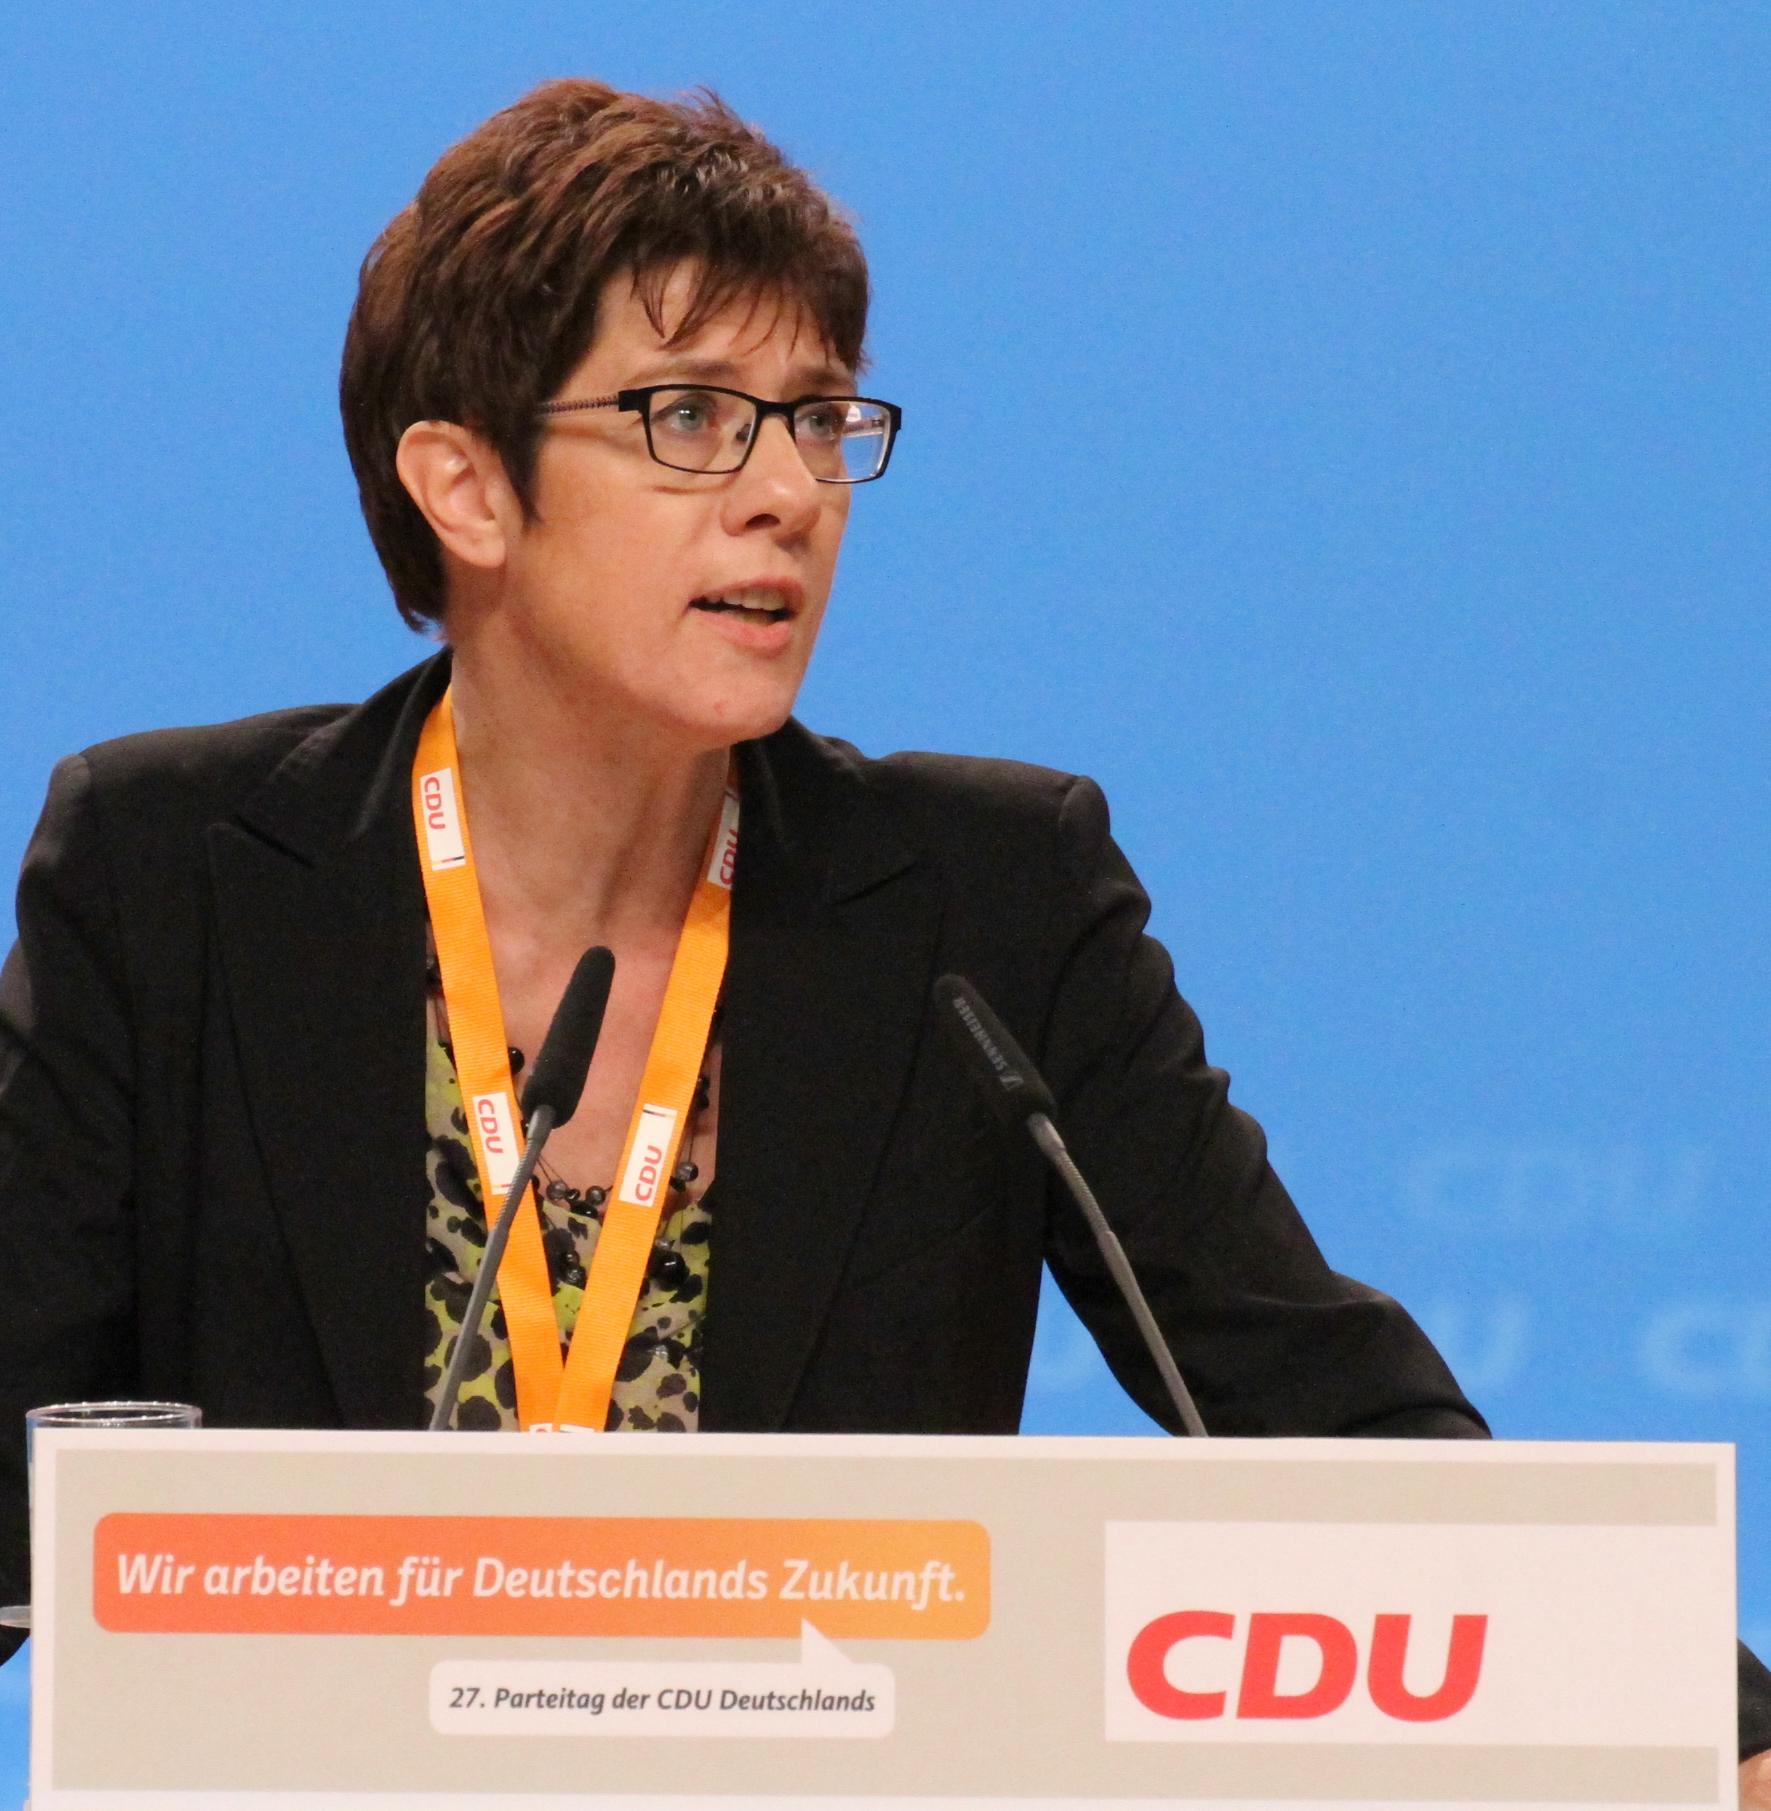 安妮格雷特.克朗普-凱倫鮑爾(Annegret Kramp-Karrenbauer)(圖/Olaf Kosinsky/CC BY-SA 3.0 DE)